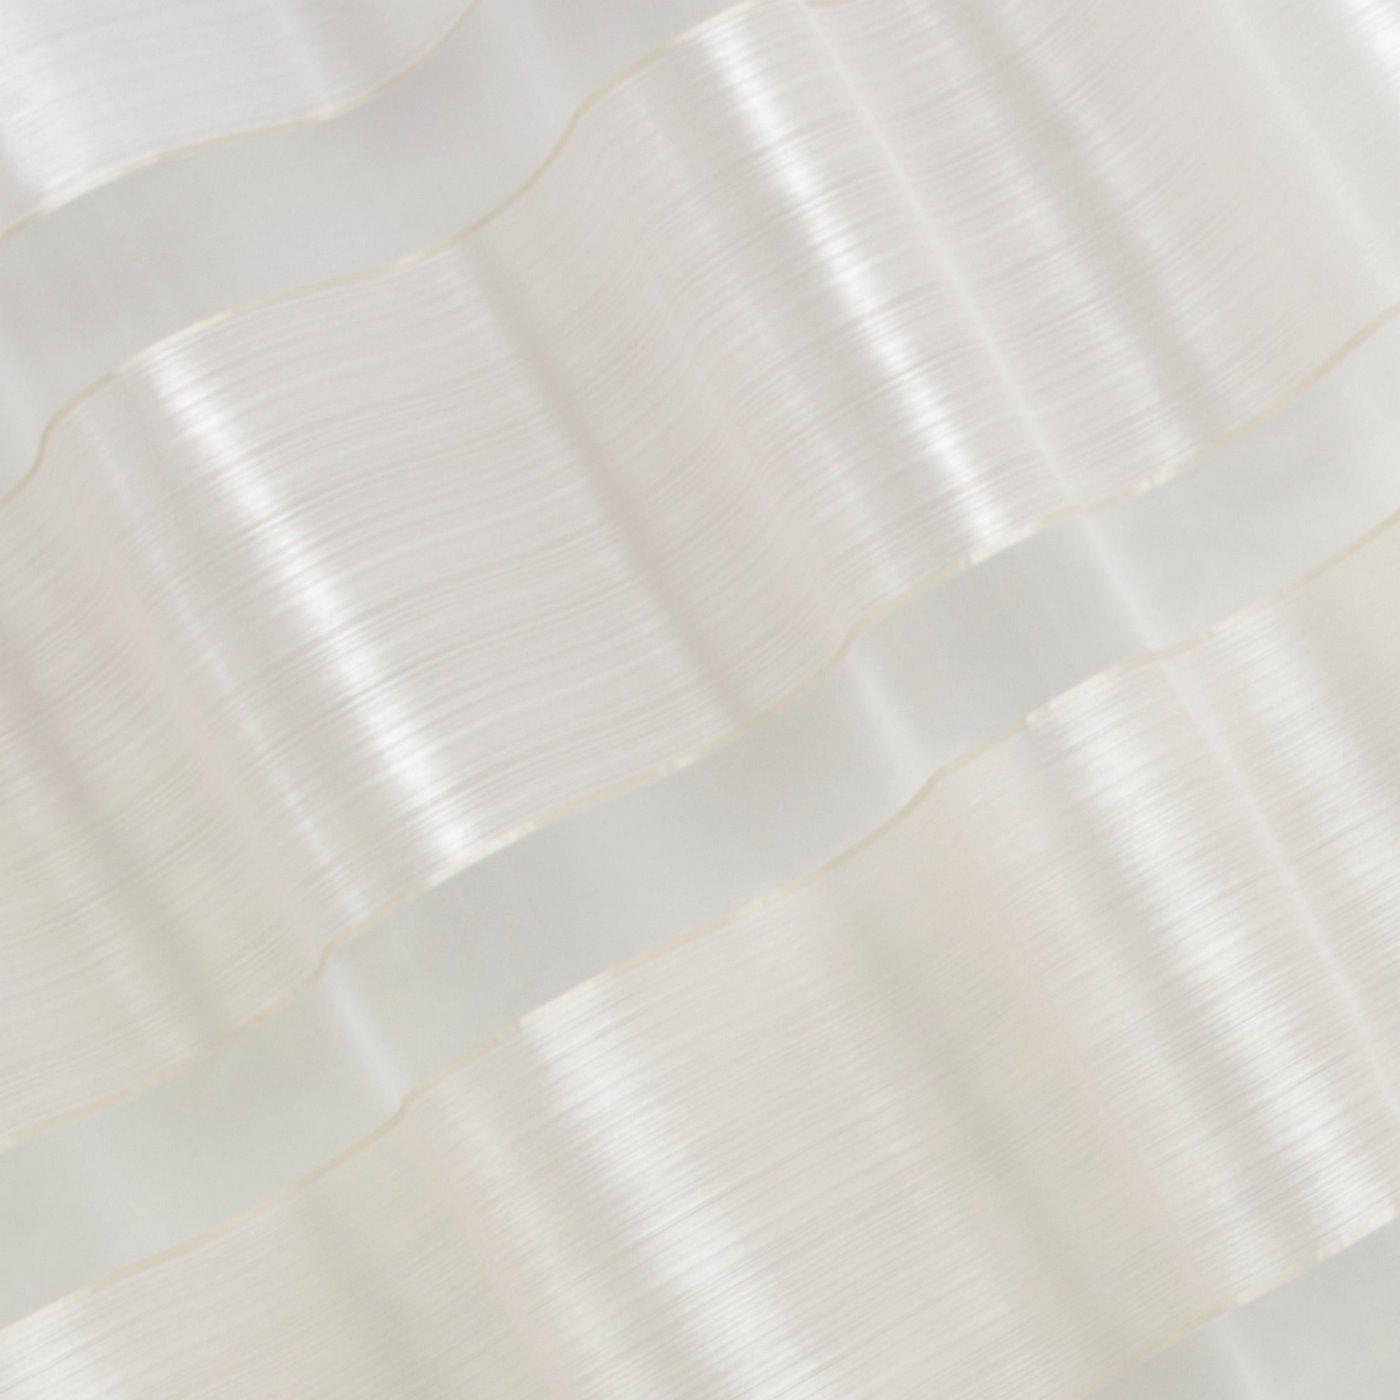 Zasłona poziome atłasowe pasy+organza biały+kremowy przelotki 140x250cm